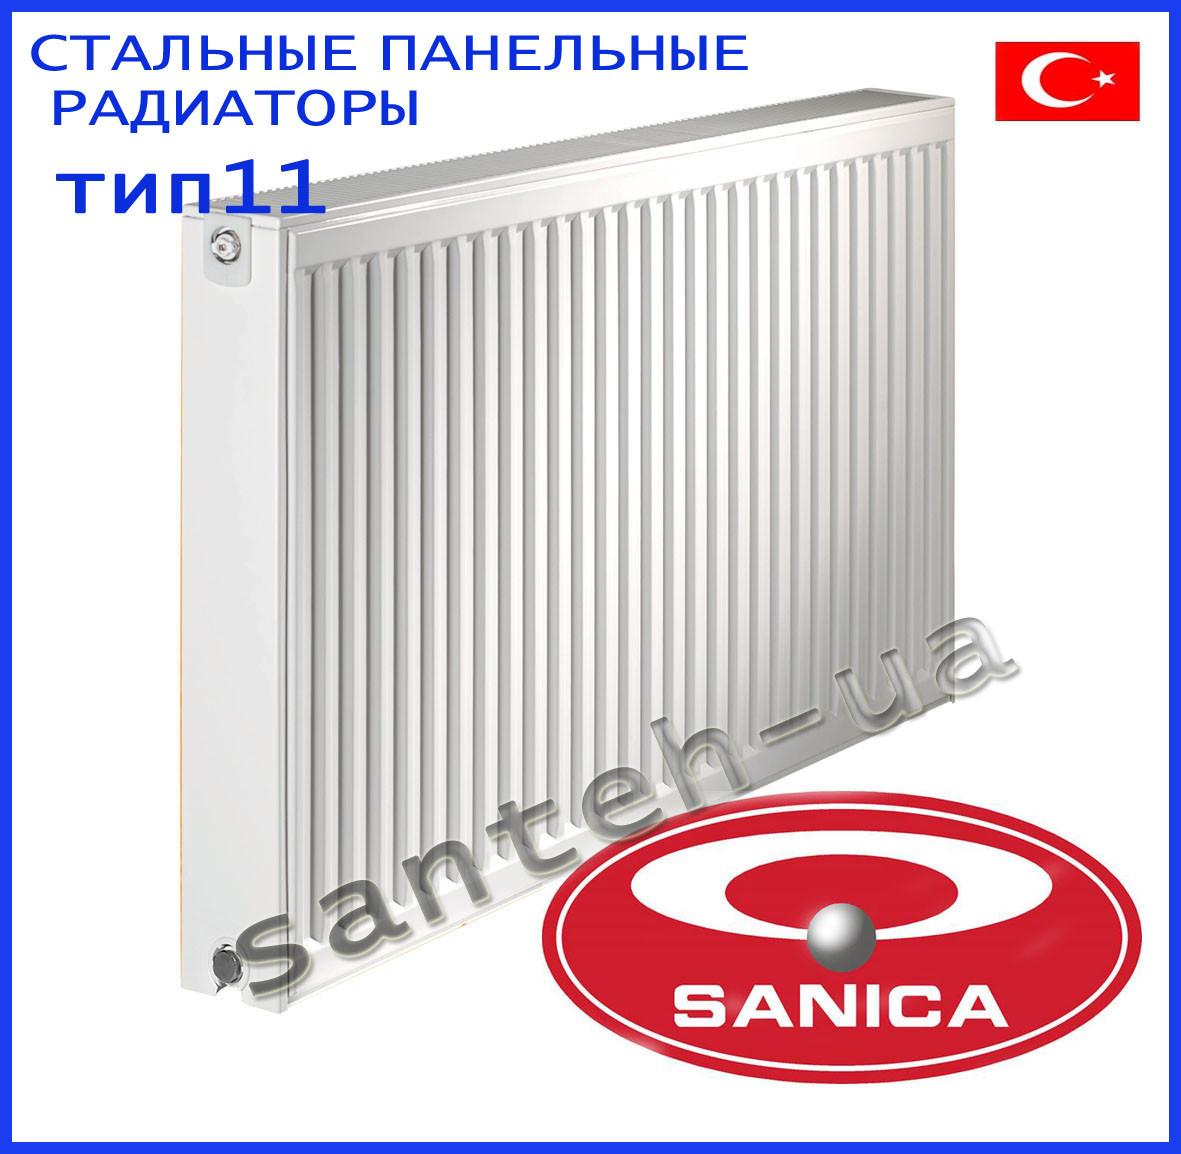 Сталеві панельні радіатори Sanica тип 11 500х1000